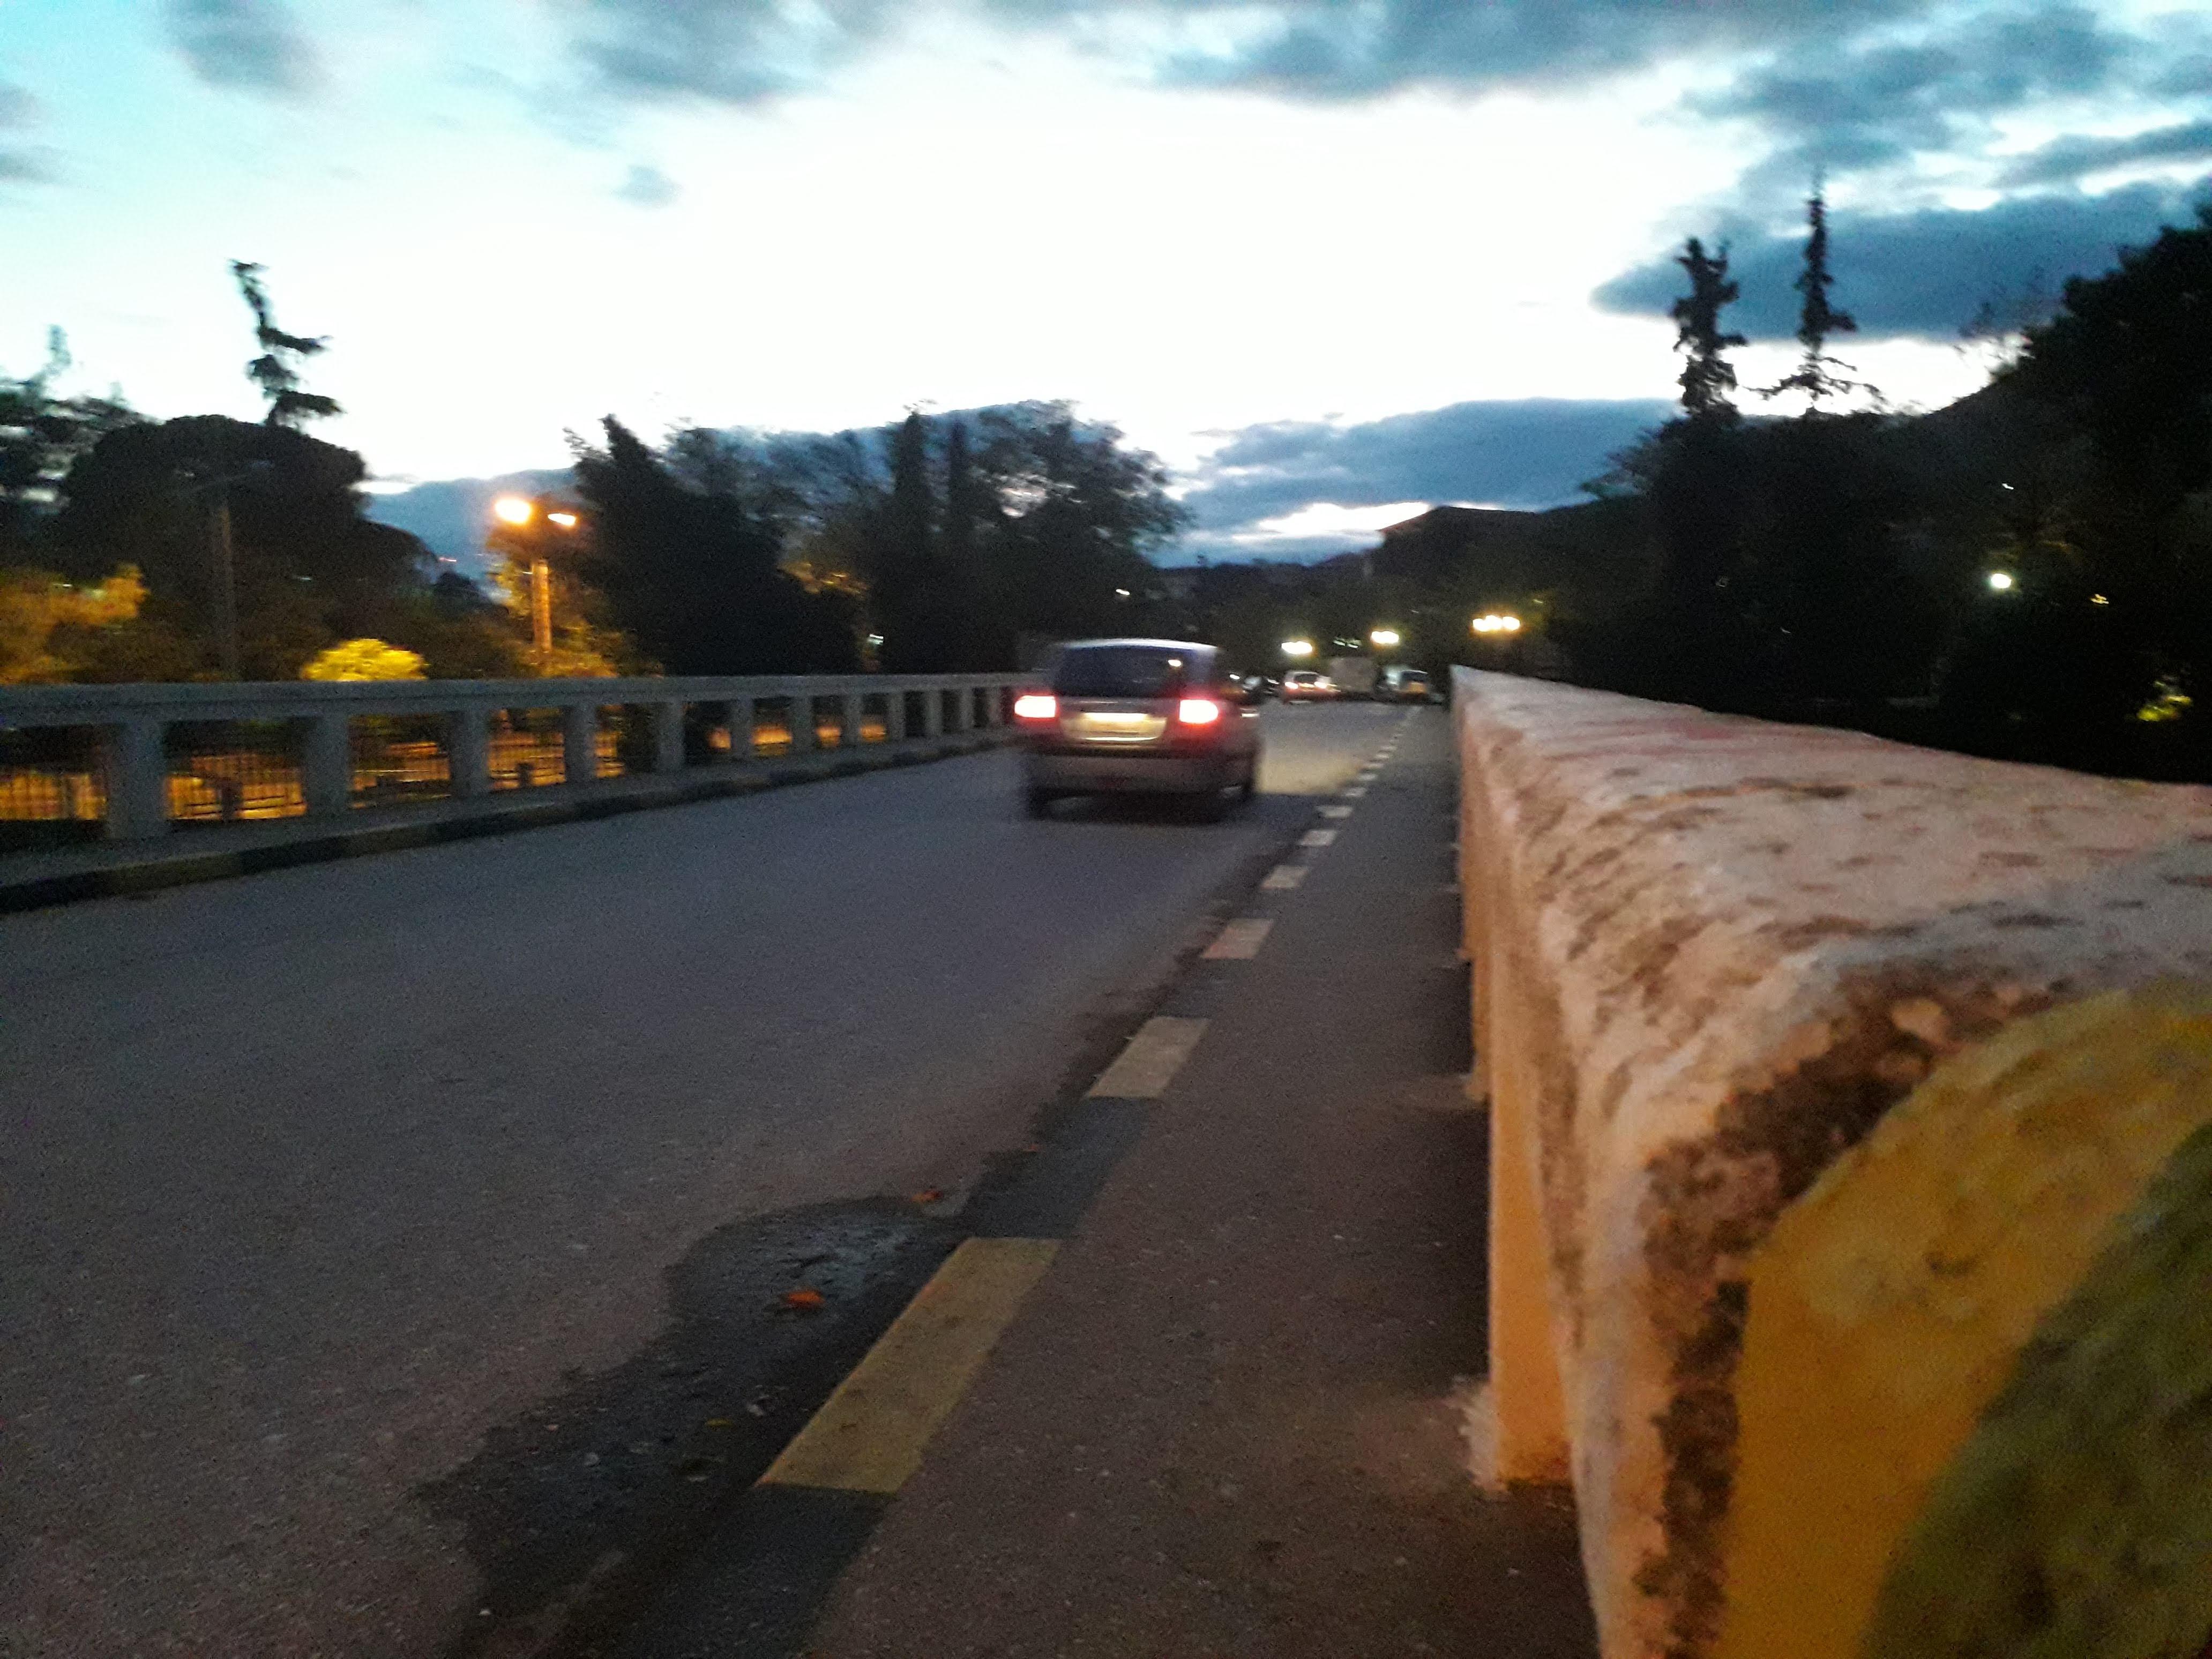 Κορονοϊός: Τα νέα μέτρα για την Ξάνθη - Μάσκες μέσα και έξω